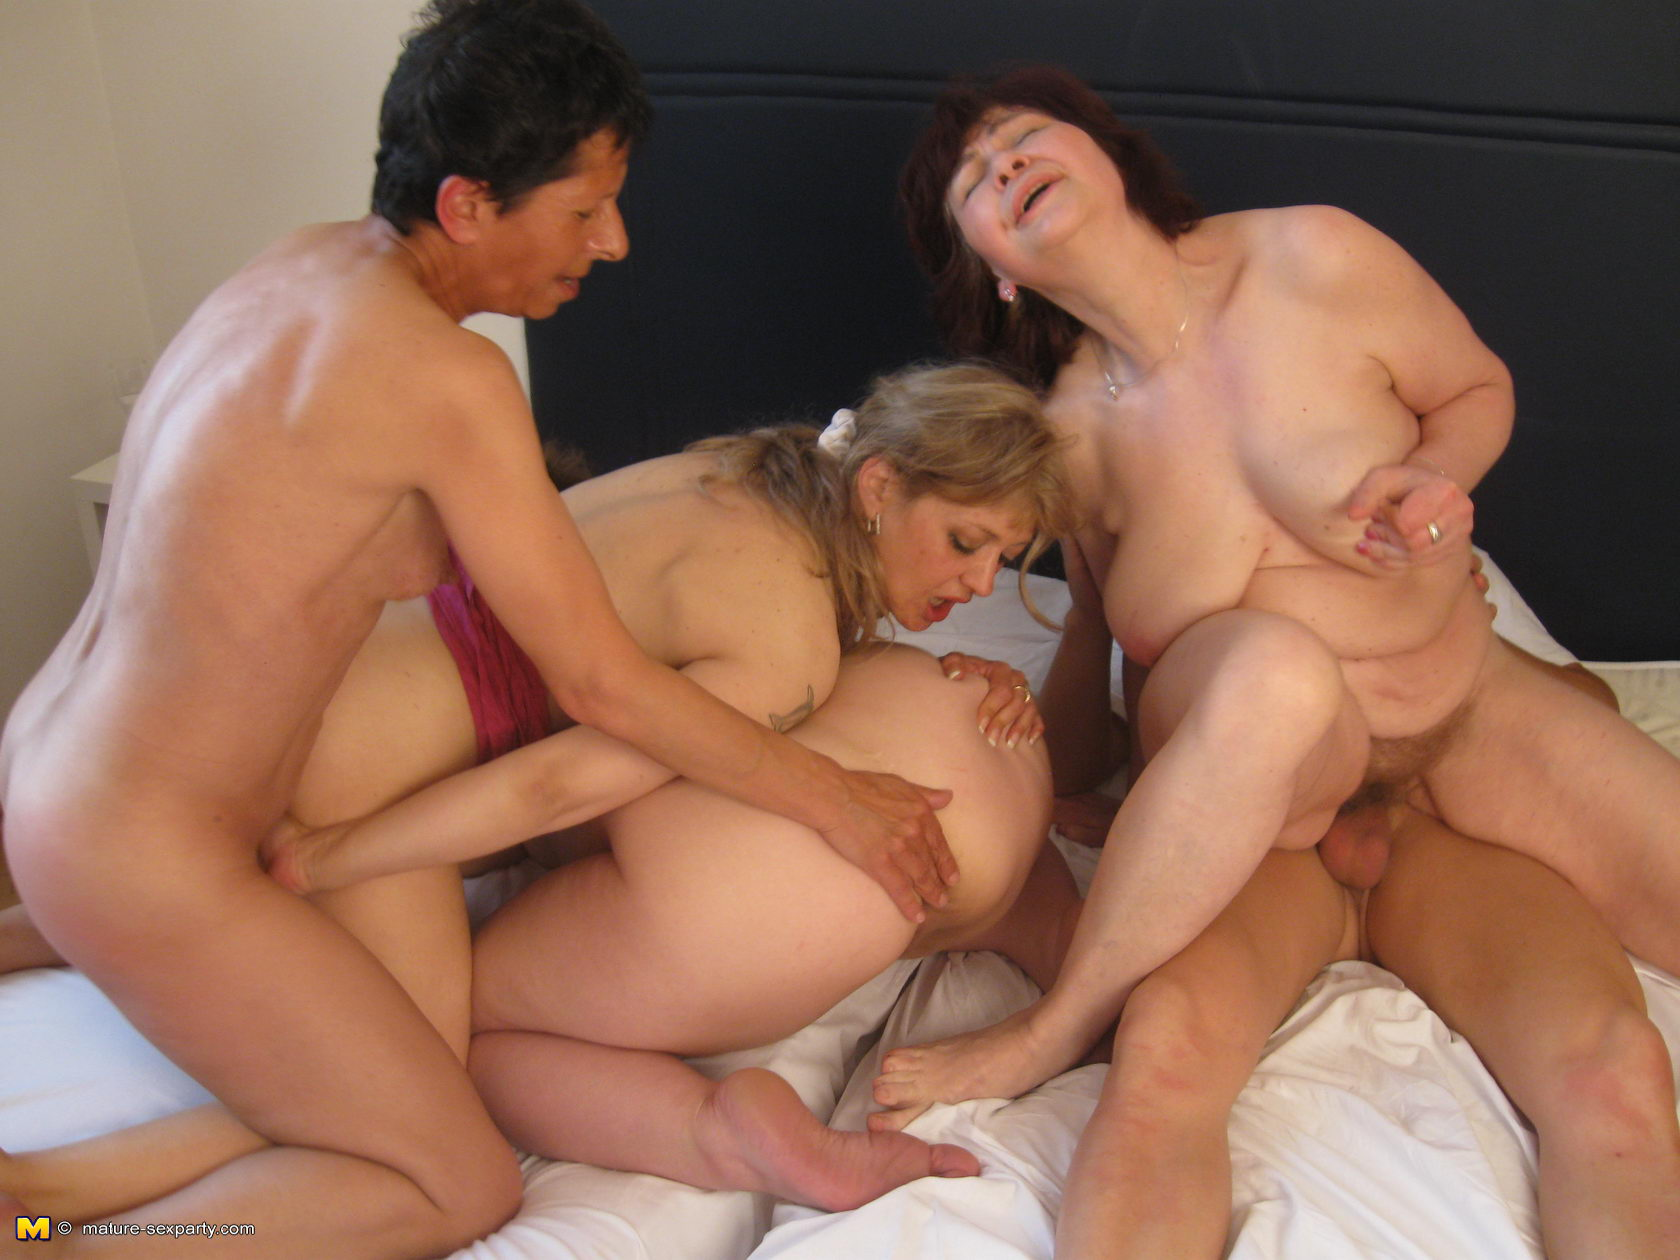 Смотреть порно бесплатно секс старух за 70 22 фотография